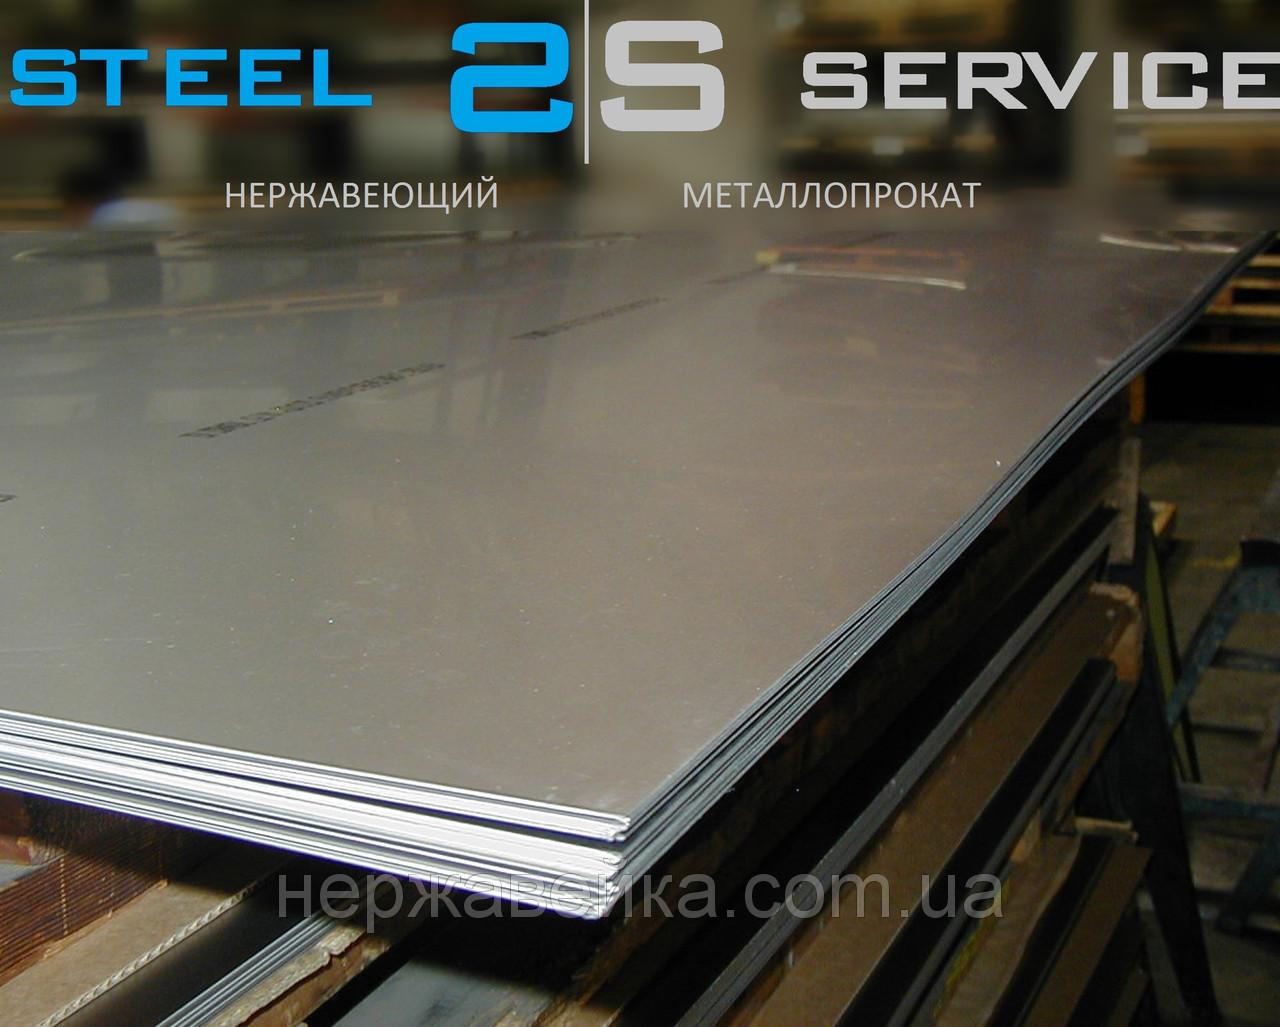 Нержавійка аркуш 1,5х1500х3000мм AISI 430(12Х17) 4N - шліфований, технічний